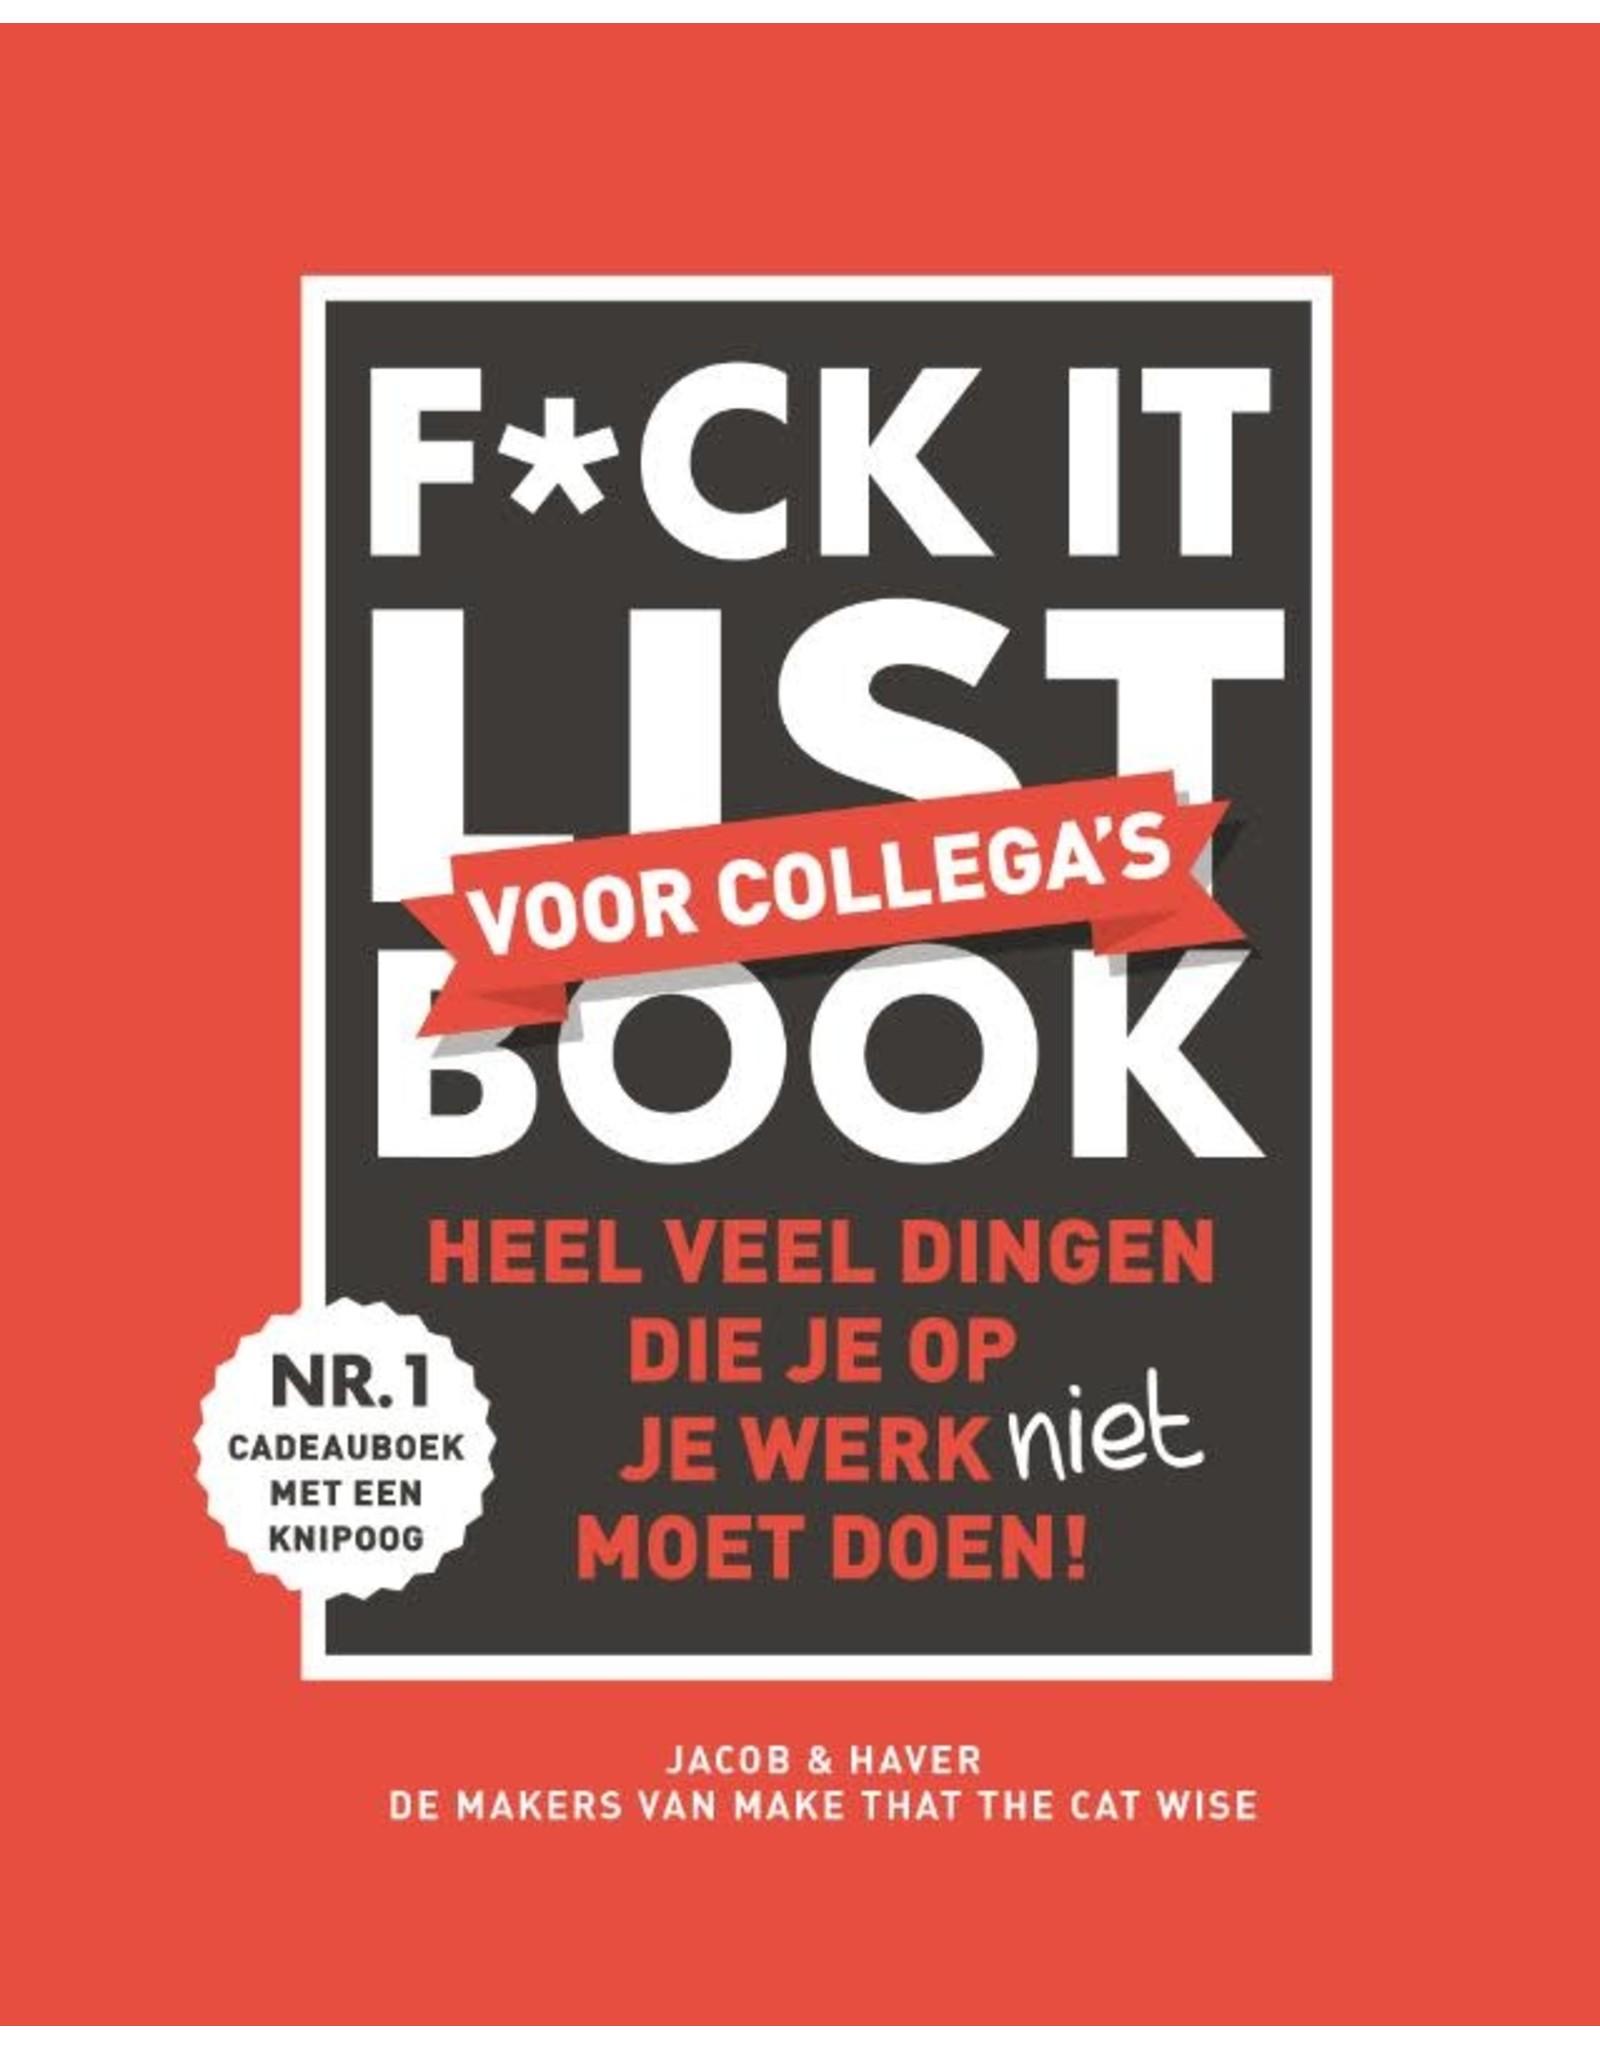 F*ck it list book voor collega's